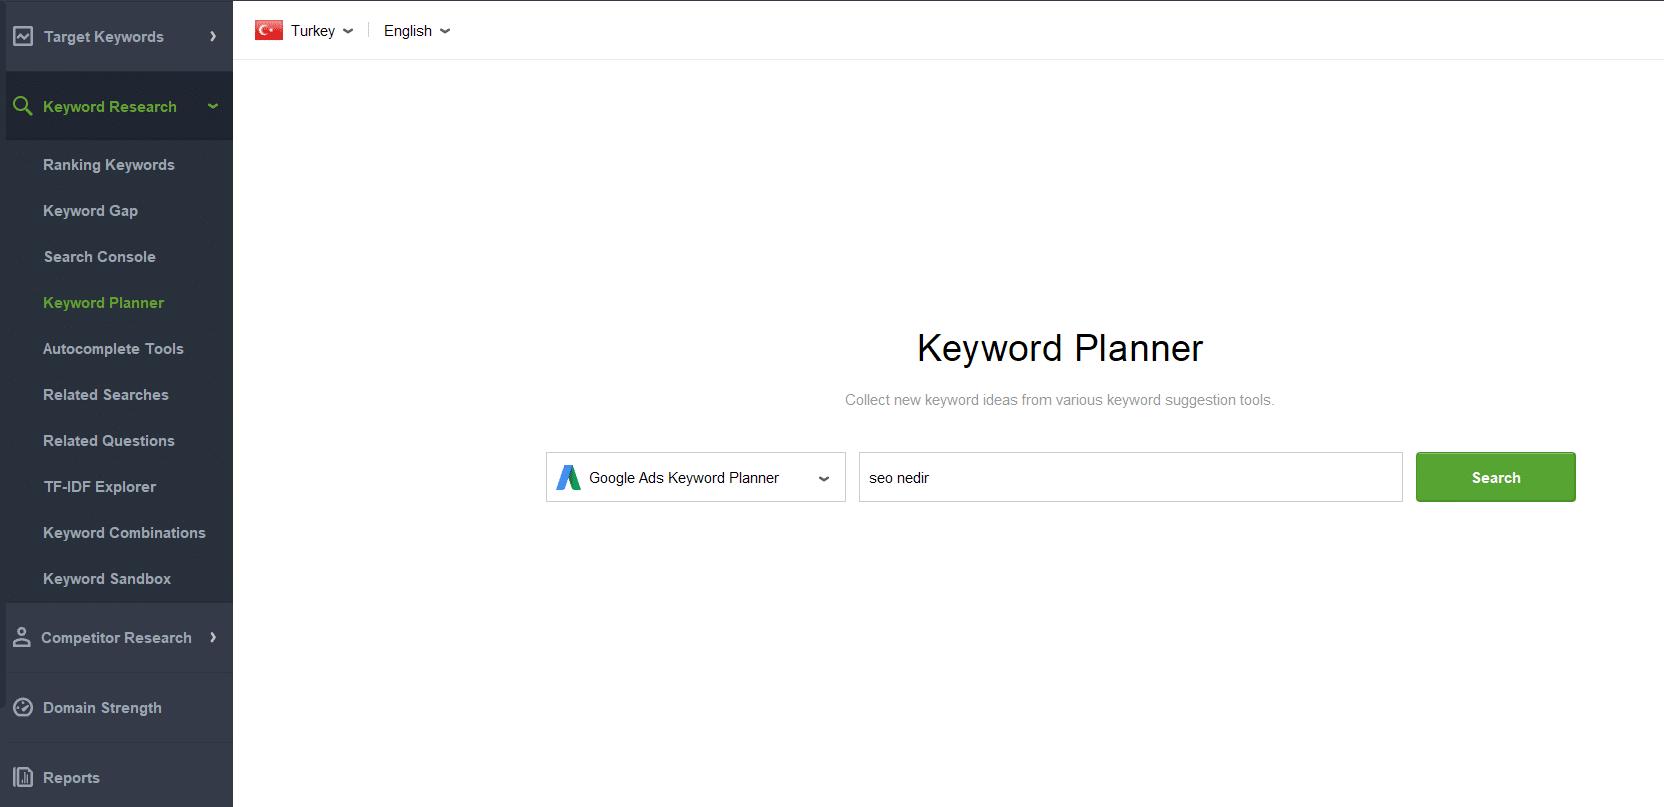 ADS Anahtar kelime Aracı